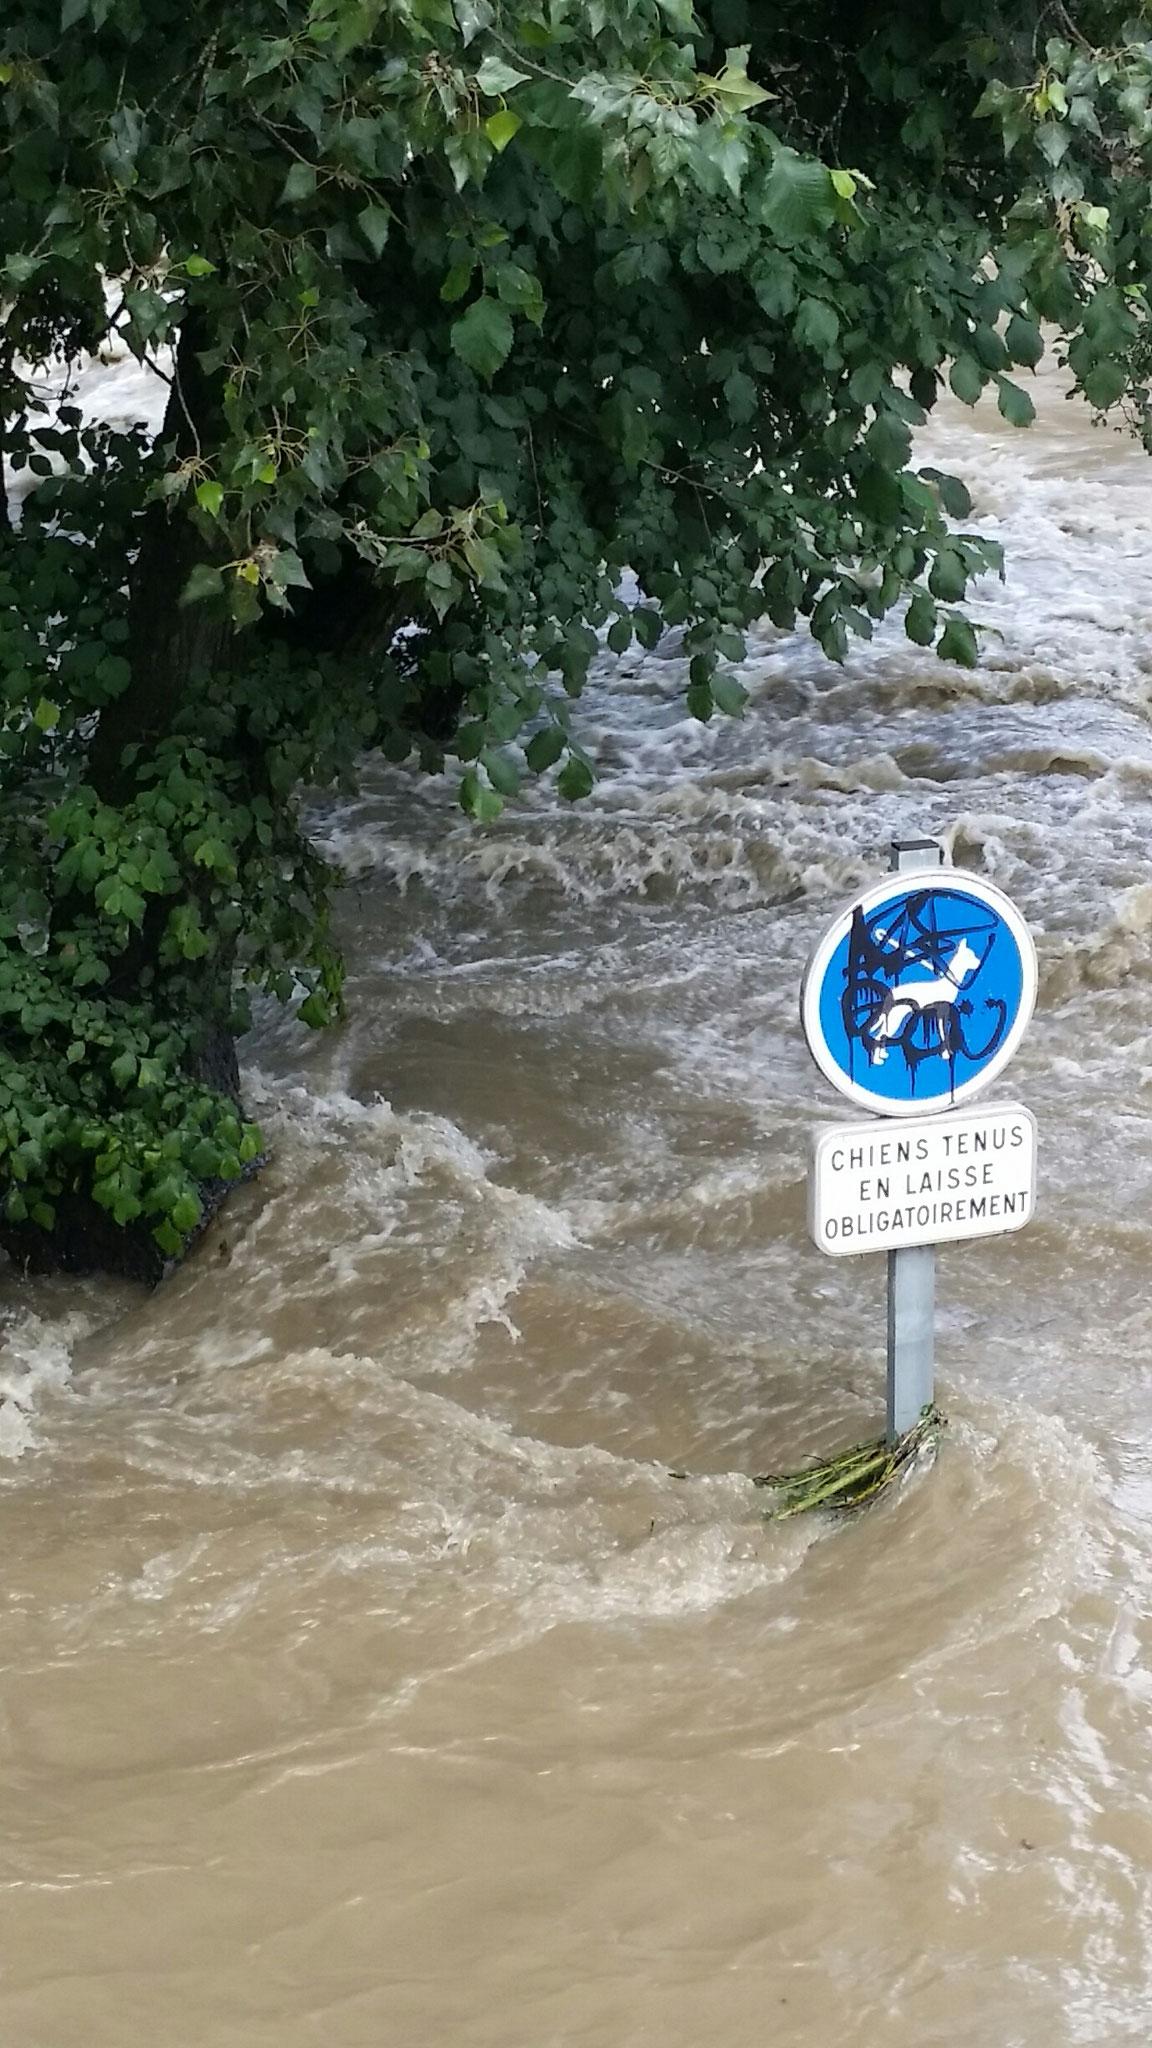 On peut estimer une hauteur d'eau supérieure à 1 mètre grâce au panneau - Photo : Fabien Lamouroux